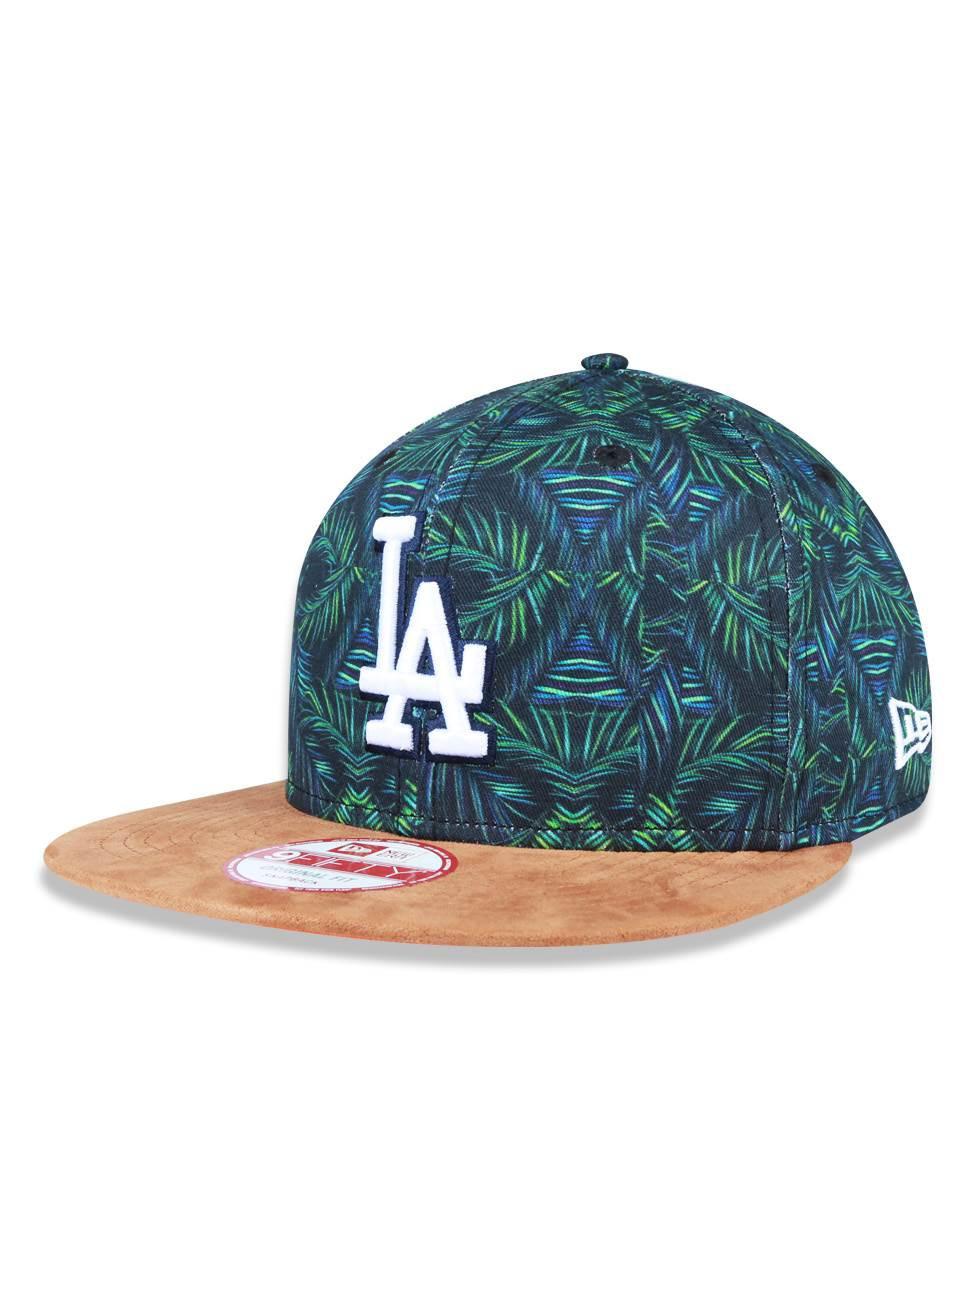 Boné aba reta Los Angeles Dodgers original fit 950 New Era NEI